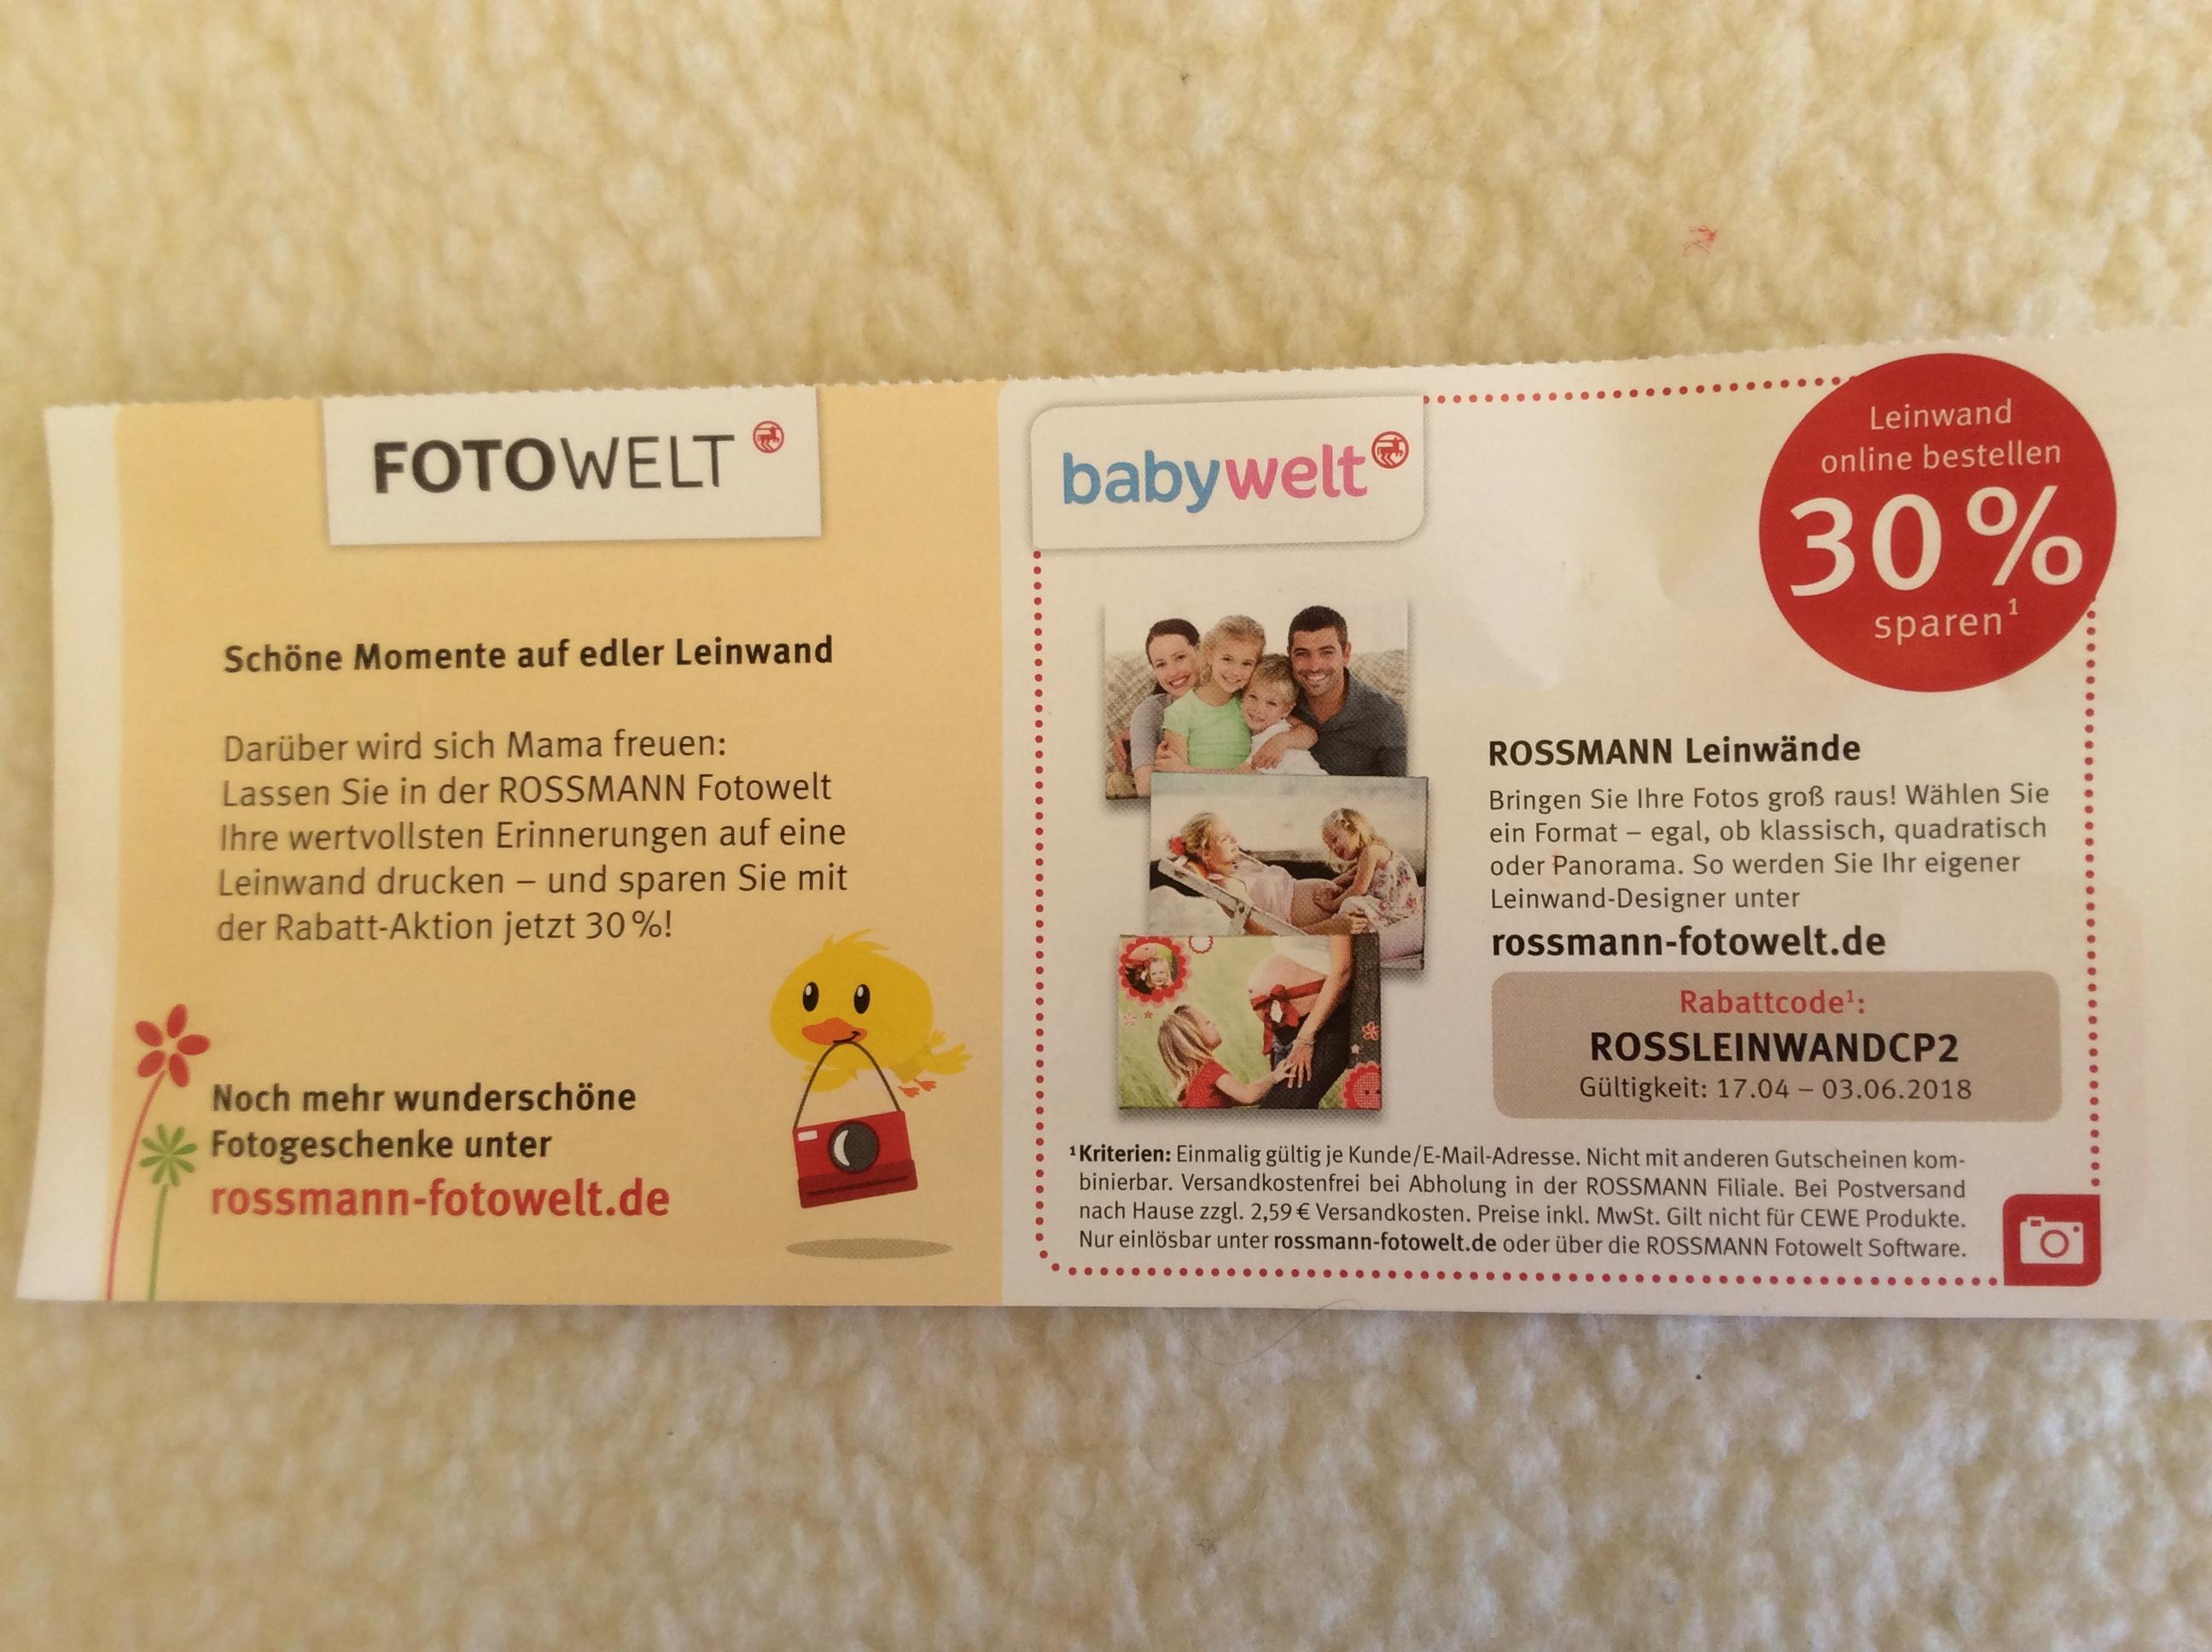 (Rossmann) FOTO/BABYWELT auf Leinwände 30% sparen